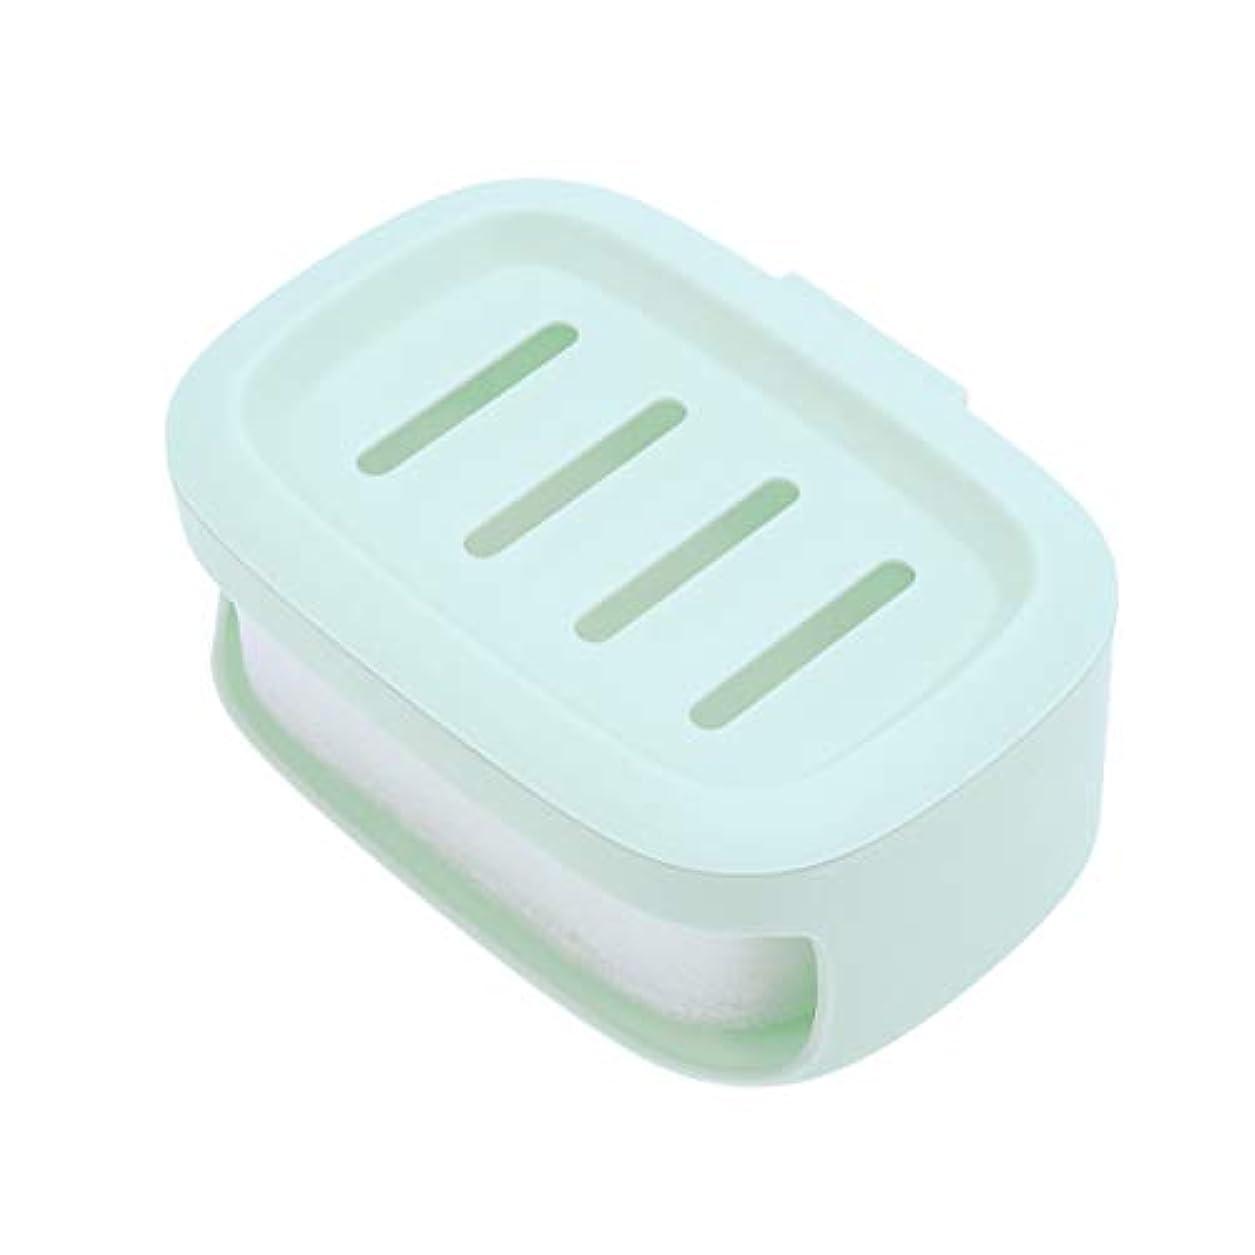 オープナー教育するポルノHealifty ソープボックス防水シールソープコンテナソープホルダー(ライトグリーン)